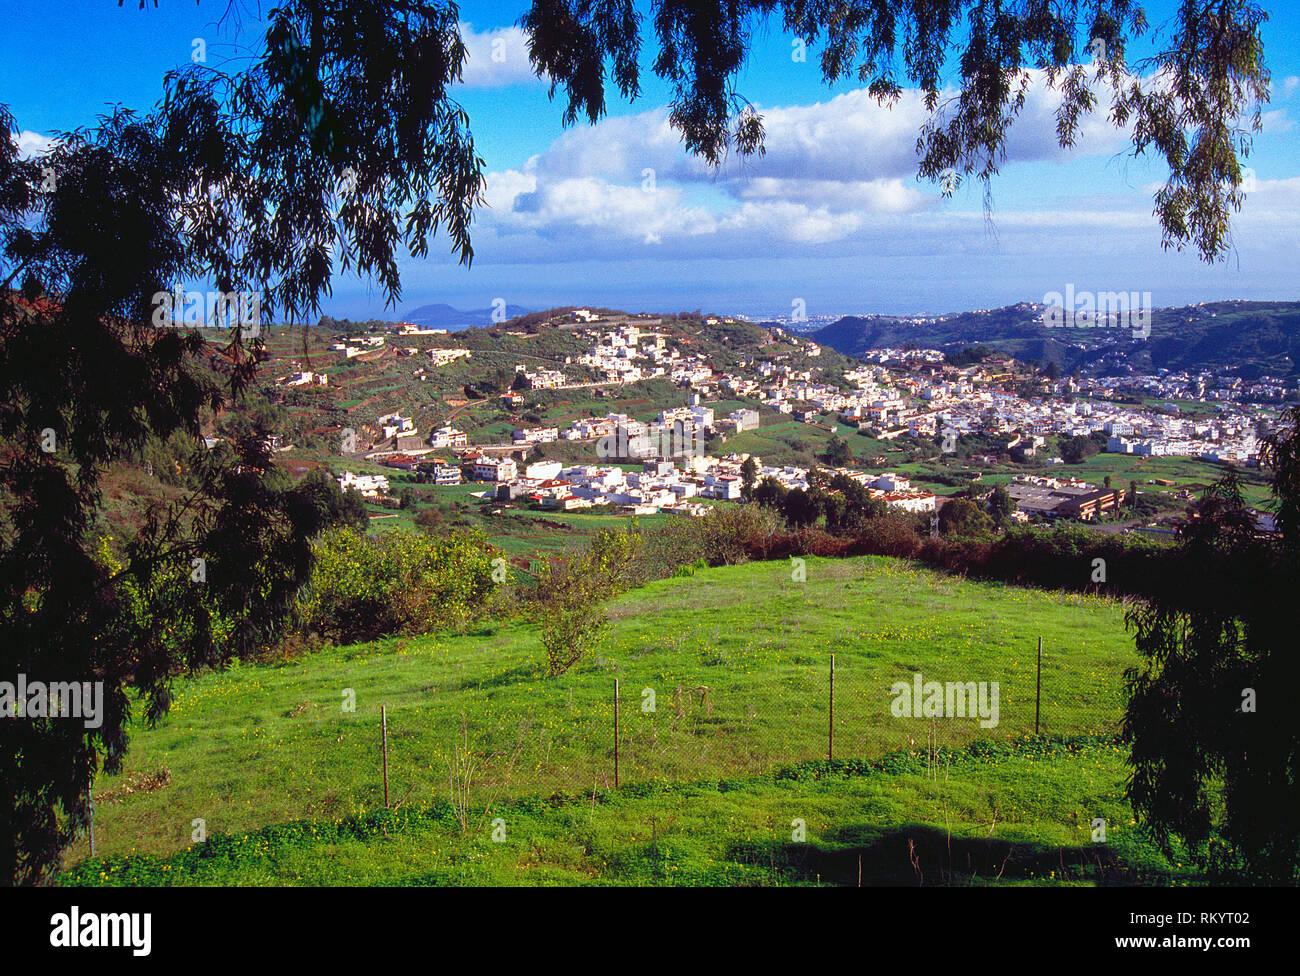 Übersicht und Landschaft. Telde, Gran Canaria, Kanarische Inseln, Spanien. Stockbild